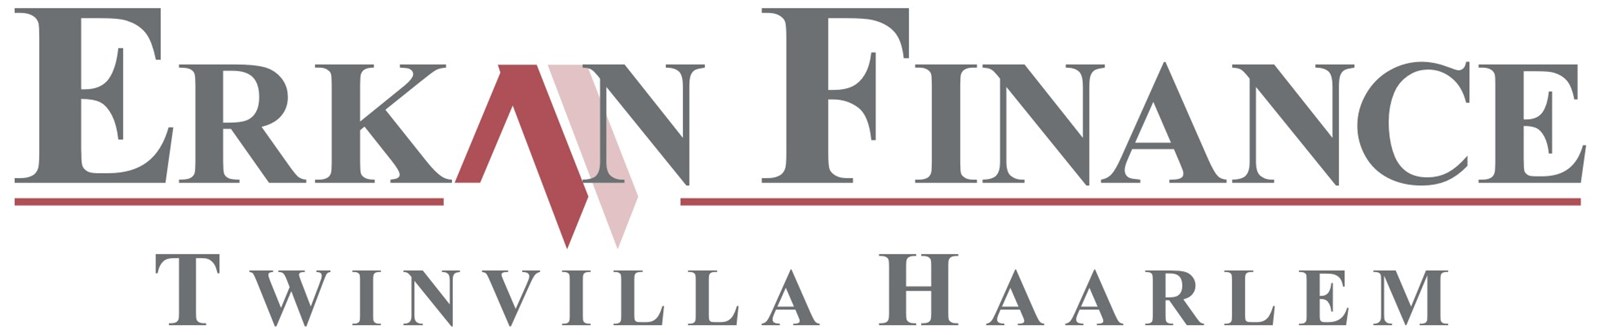 Logo van Twinvilla Haarlem / Erkan Finance